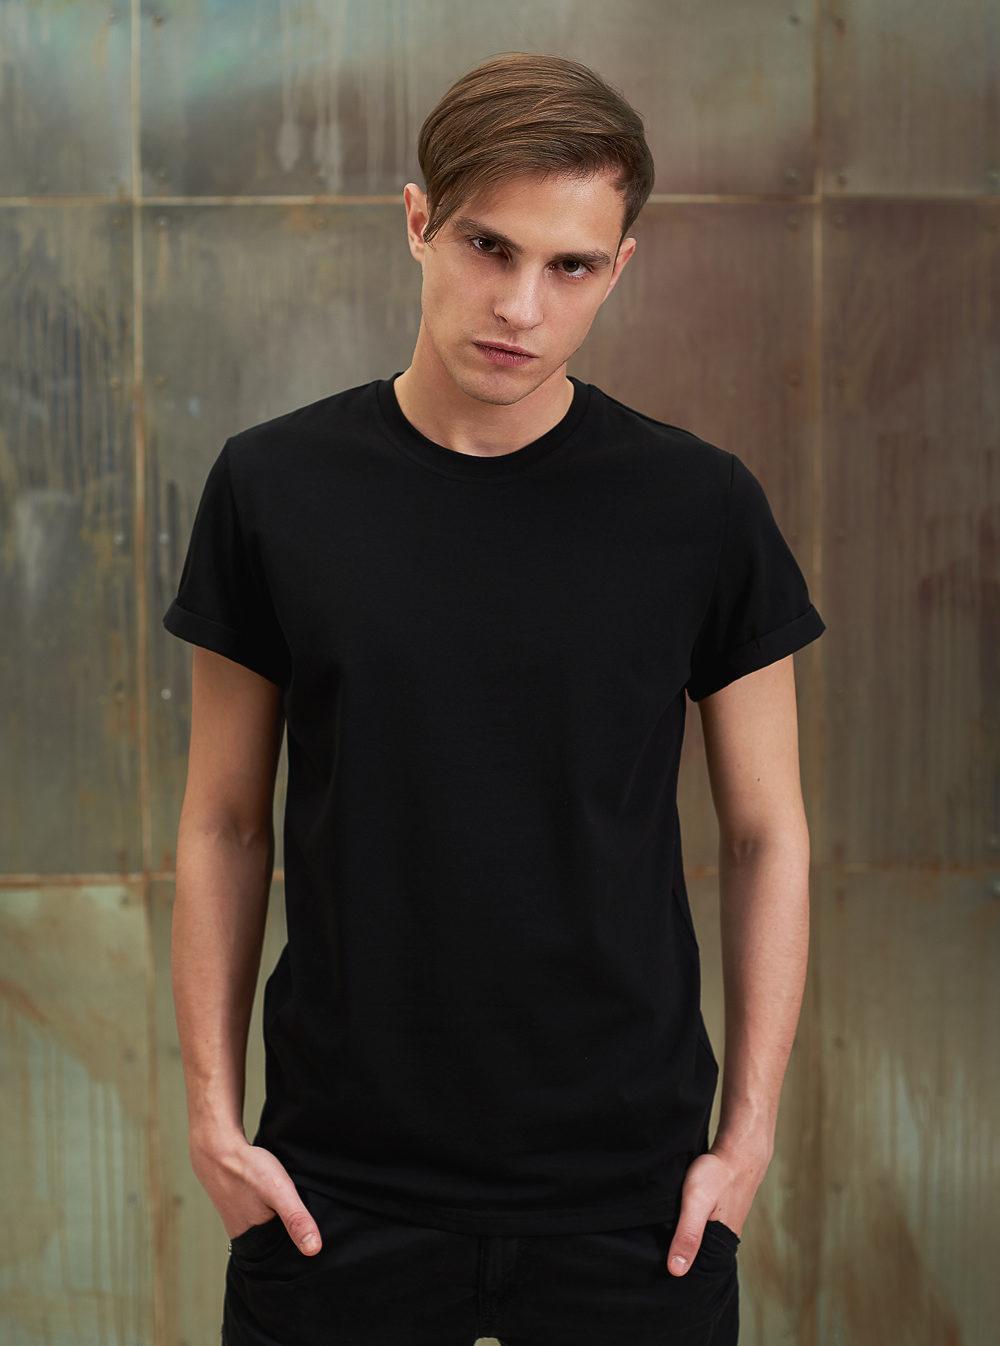 Мужчина в чёрной футболке.